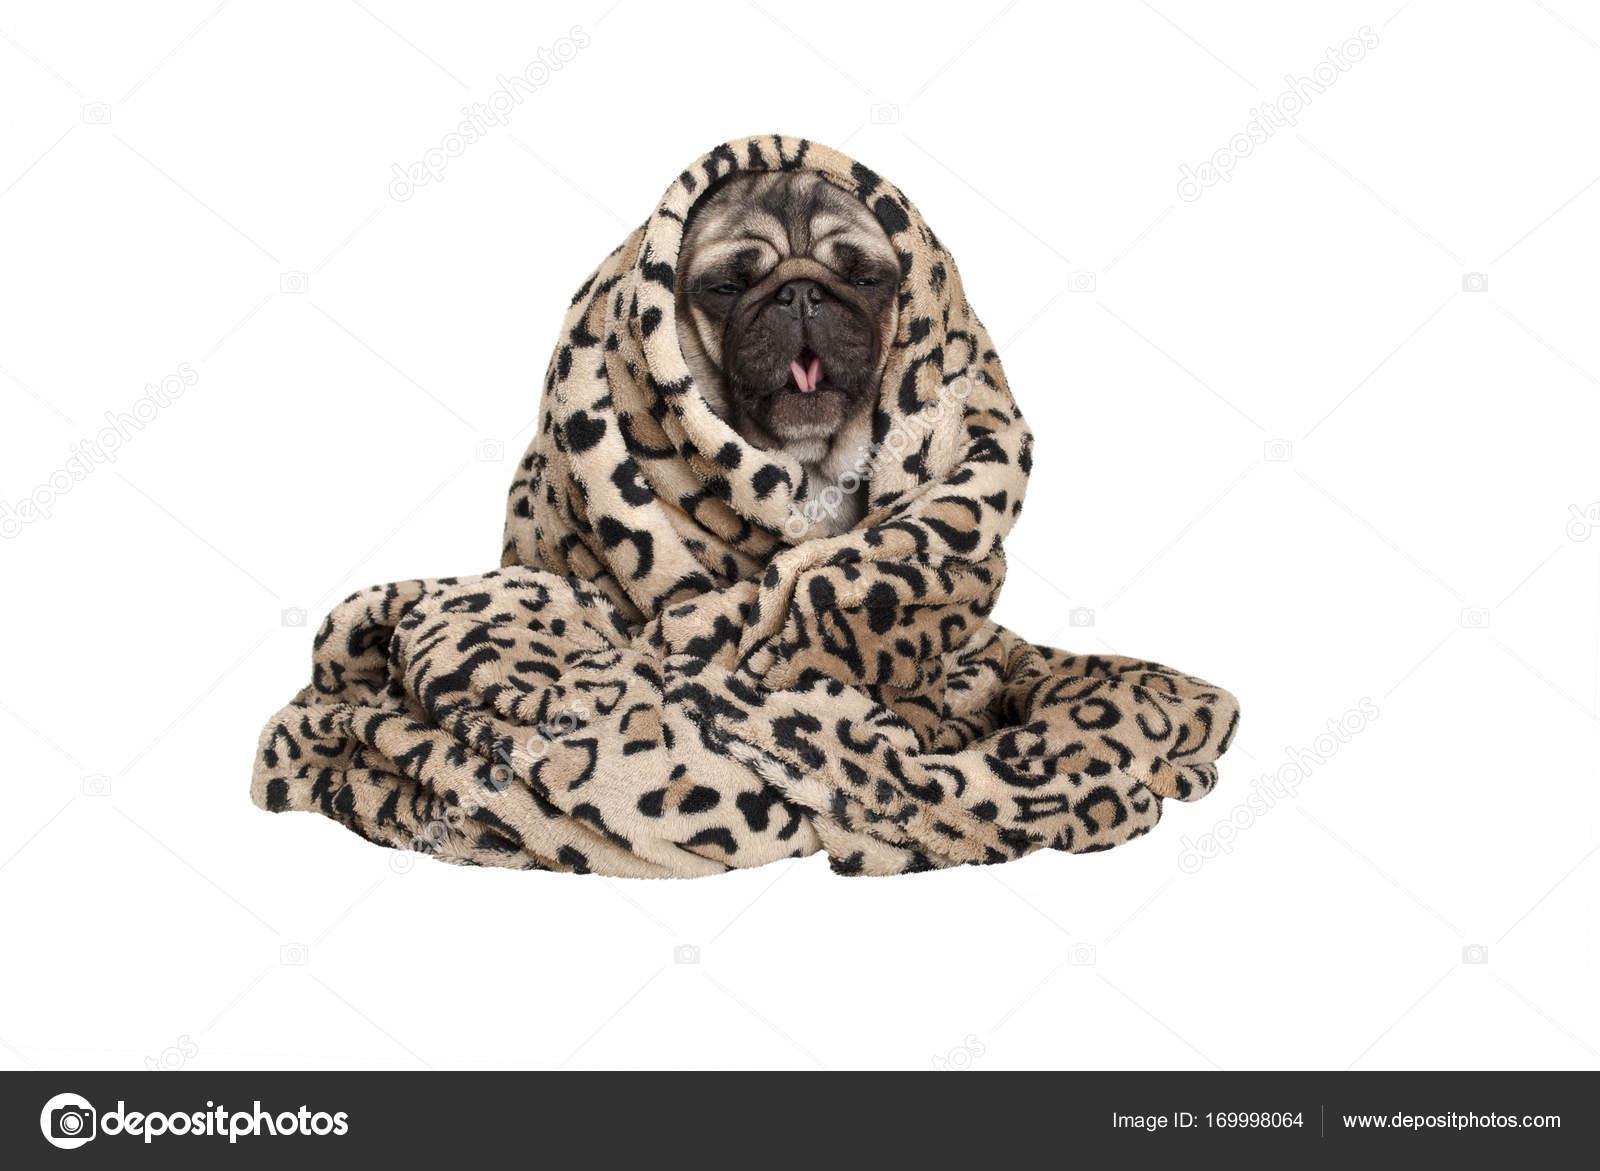 Cachorrinho Fofo Pug Sentada Enrolada Num Cobertor Felpudo Tosse